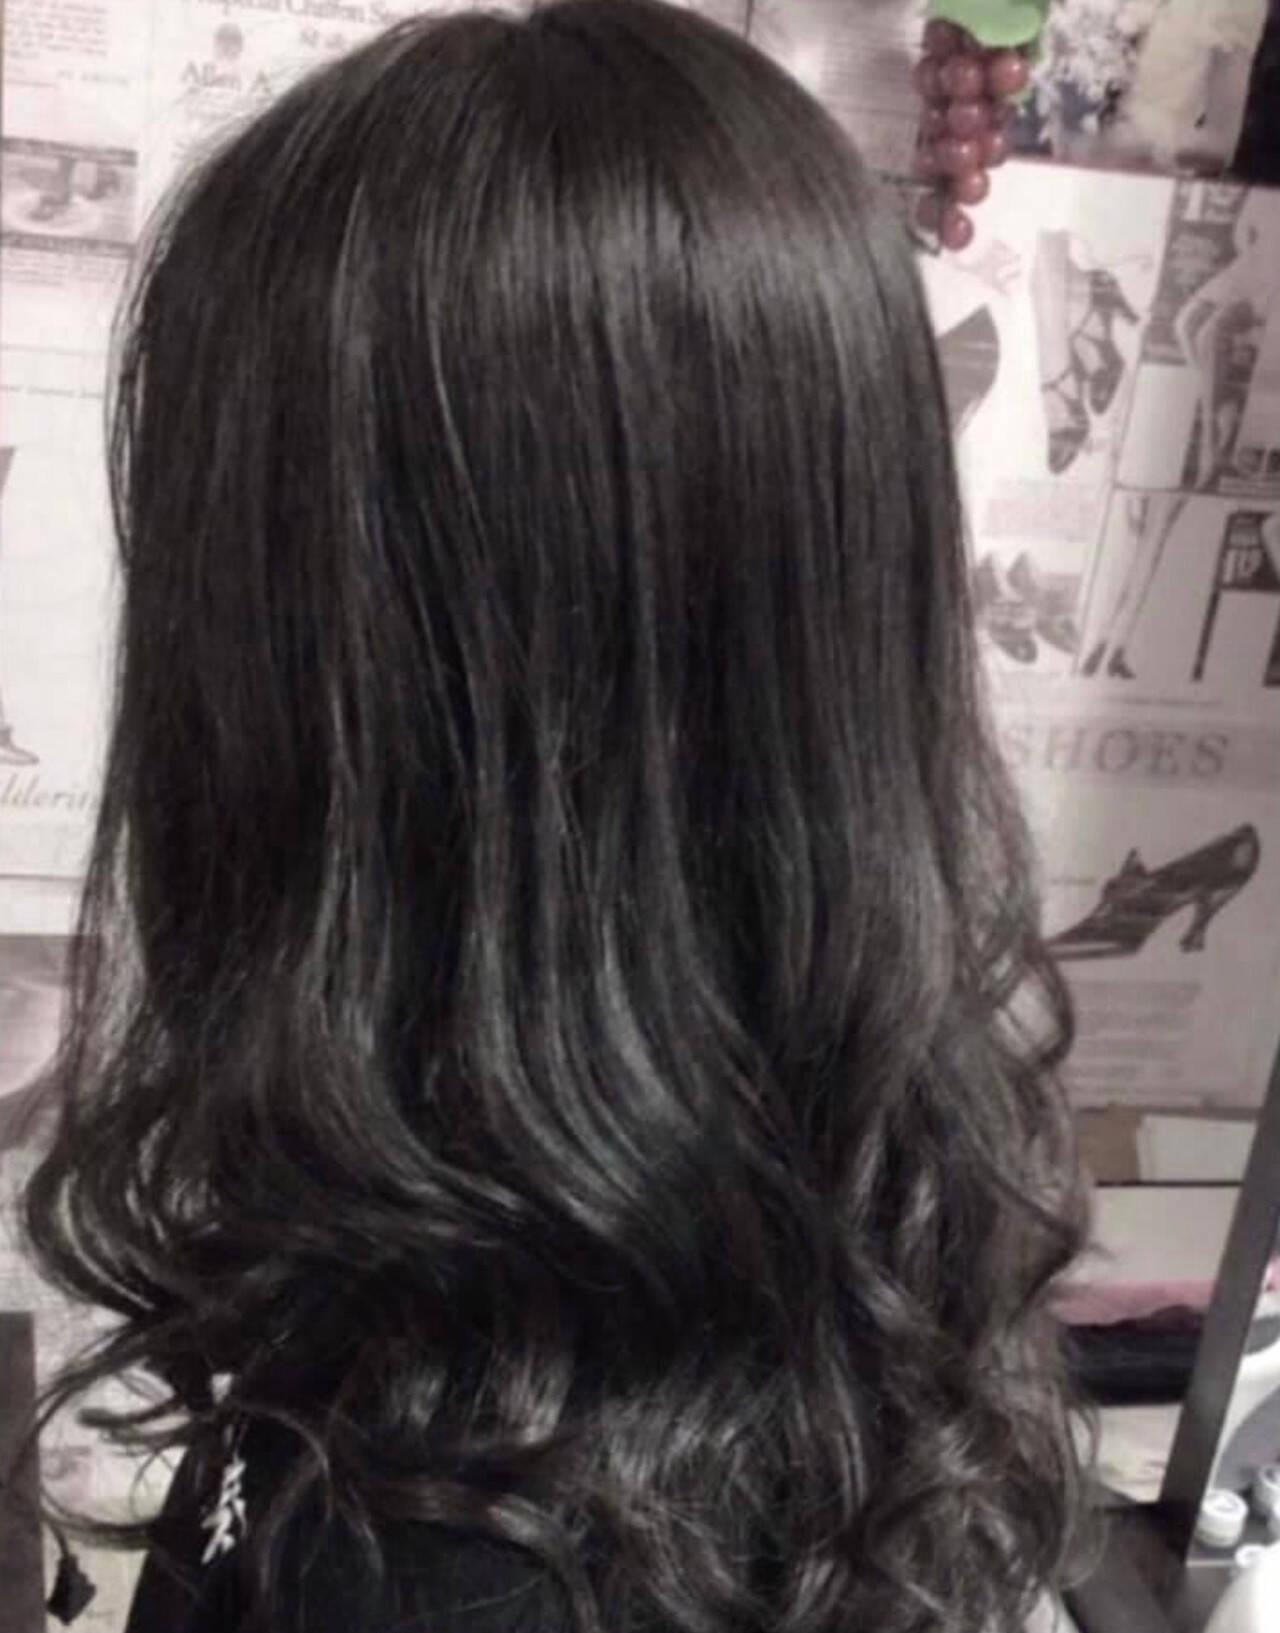 フェミニン アッシュグレージュ 外国人風カラー ラベンダーグレージュヘアスタイルや髪型の写真・画像